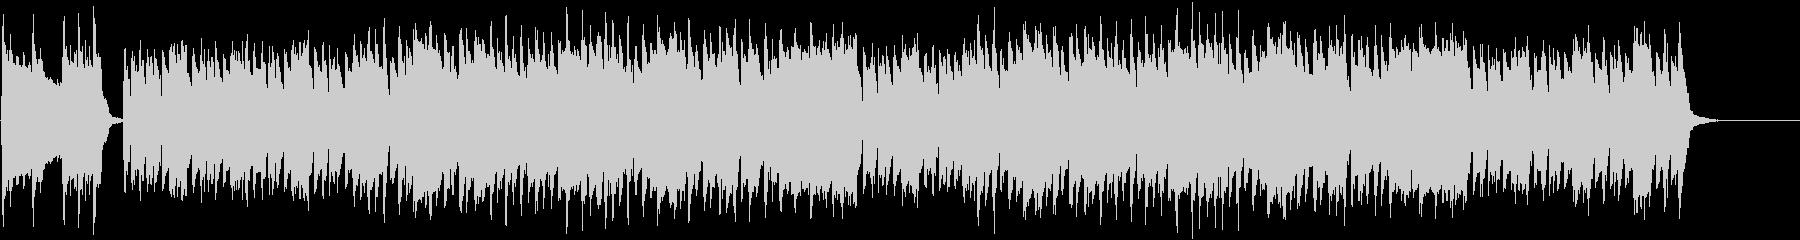 口笛のメロディが可愛いチビッ子探検隊の曲の未再生の波形